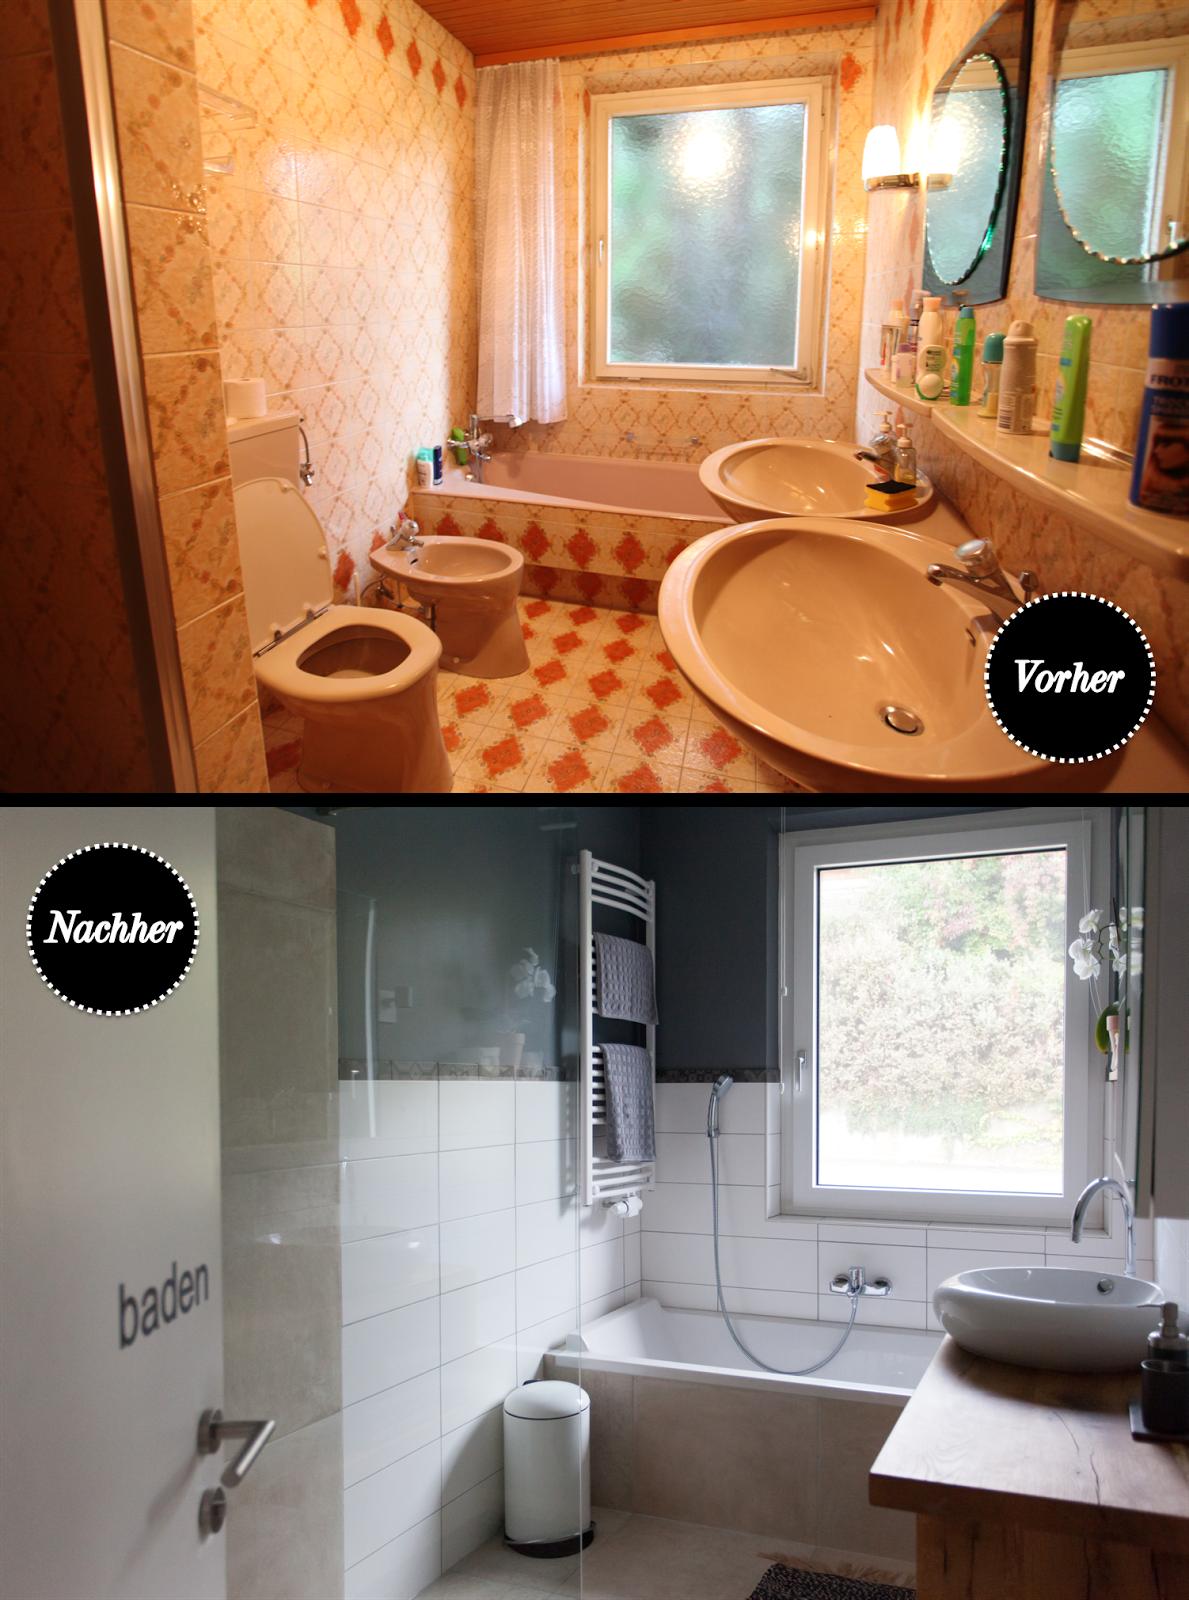 Ein Blog Uber Alles Was Das Wohnen Schoner Macht Diy Fotografie Dekoideen Und Kunstwerke Fur Erw Neues Badezimmer Wohnung Renovieren Bad Gunstig Renovieren